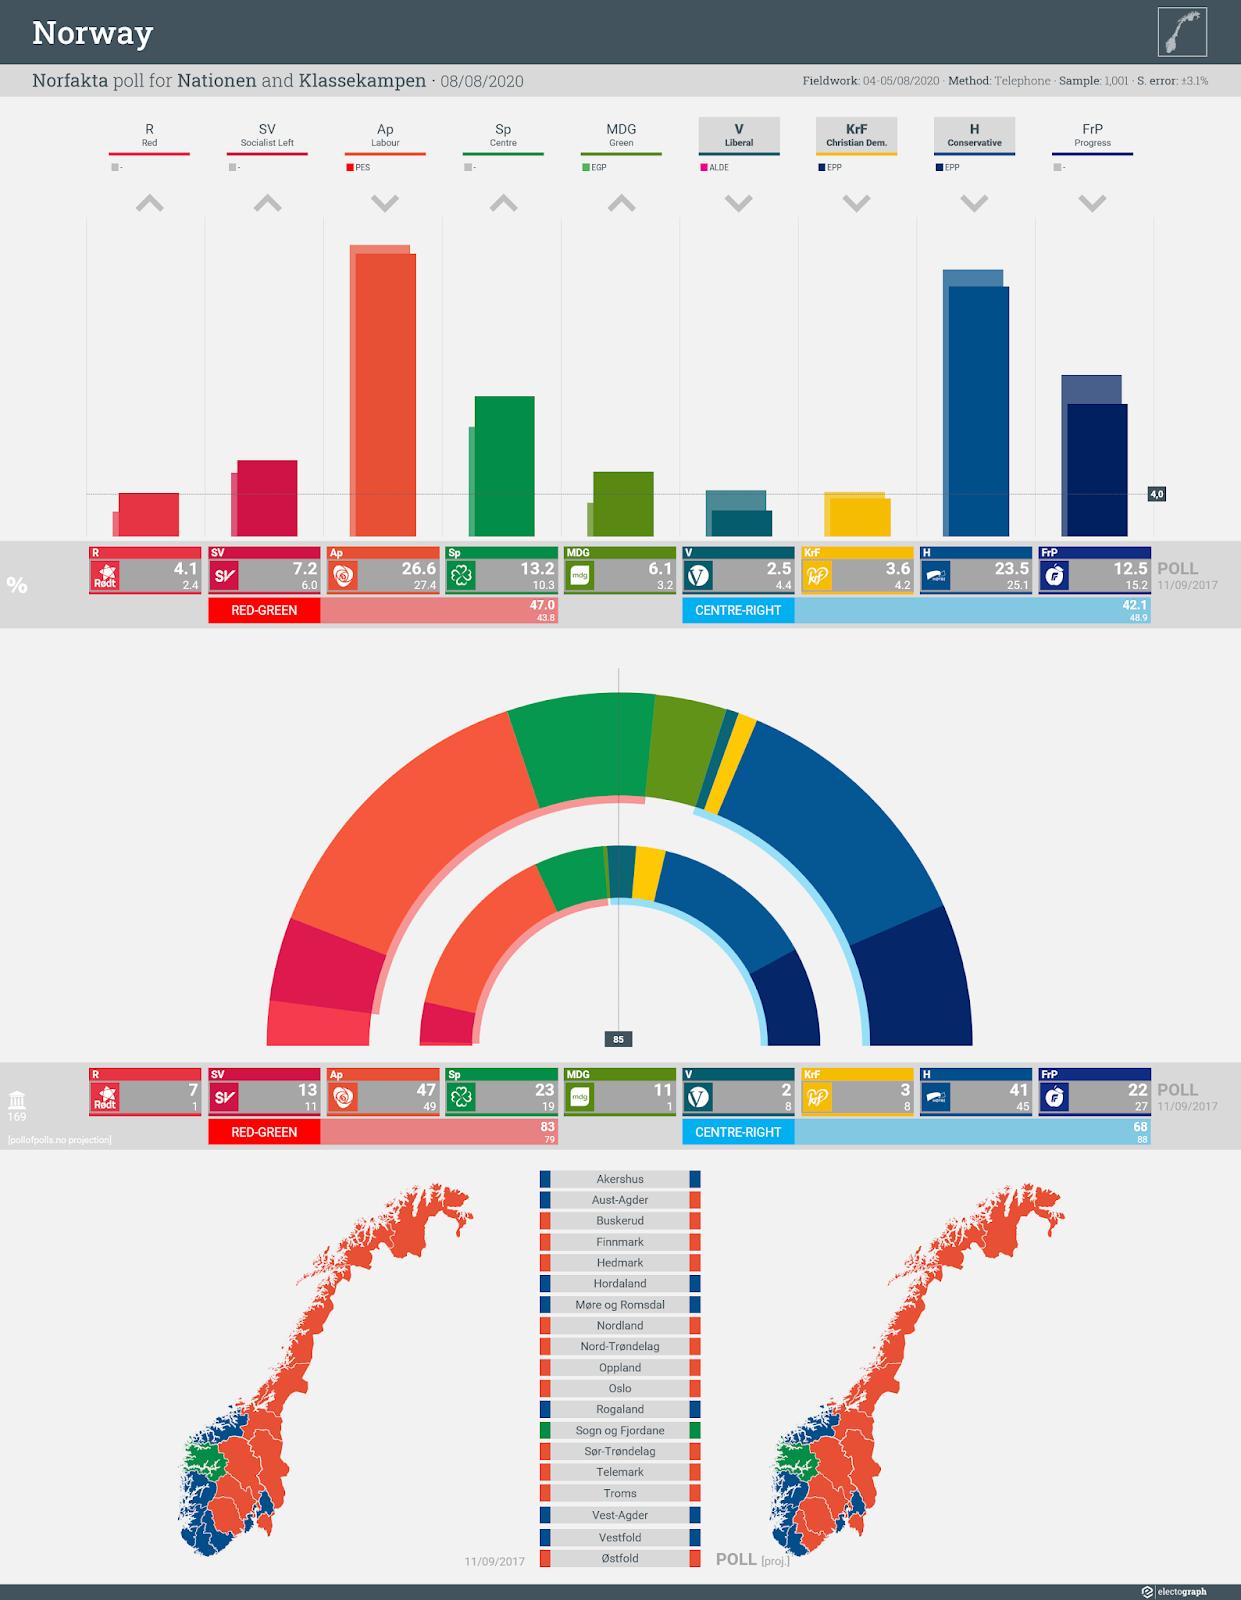 NORWAY: Norfakta poll chart for Nationen and Klassekampen, 8 August 2020